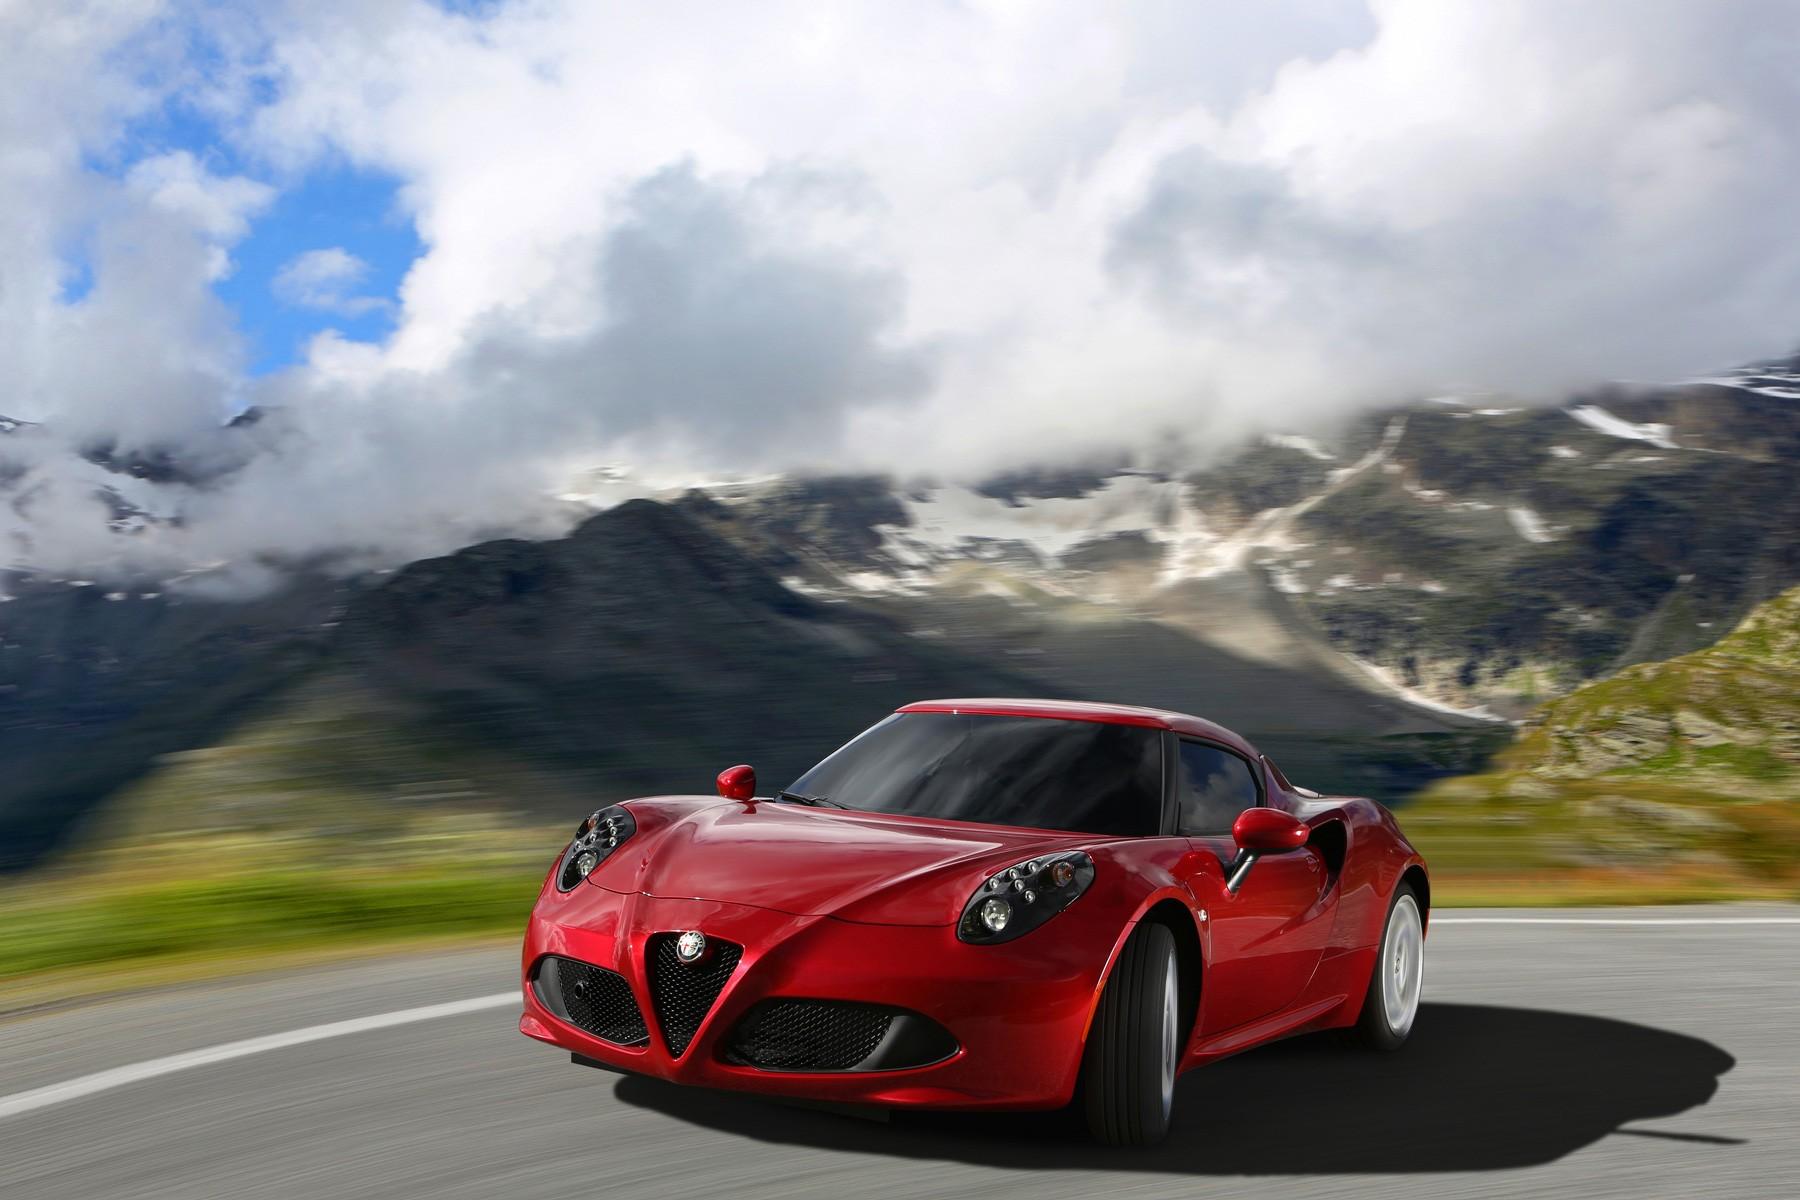 [Alfa Romeo] 4C Alfa_romeo_4c_2013_71fa1-1800-1200